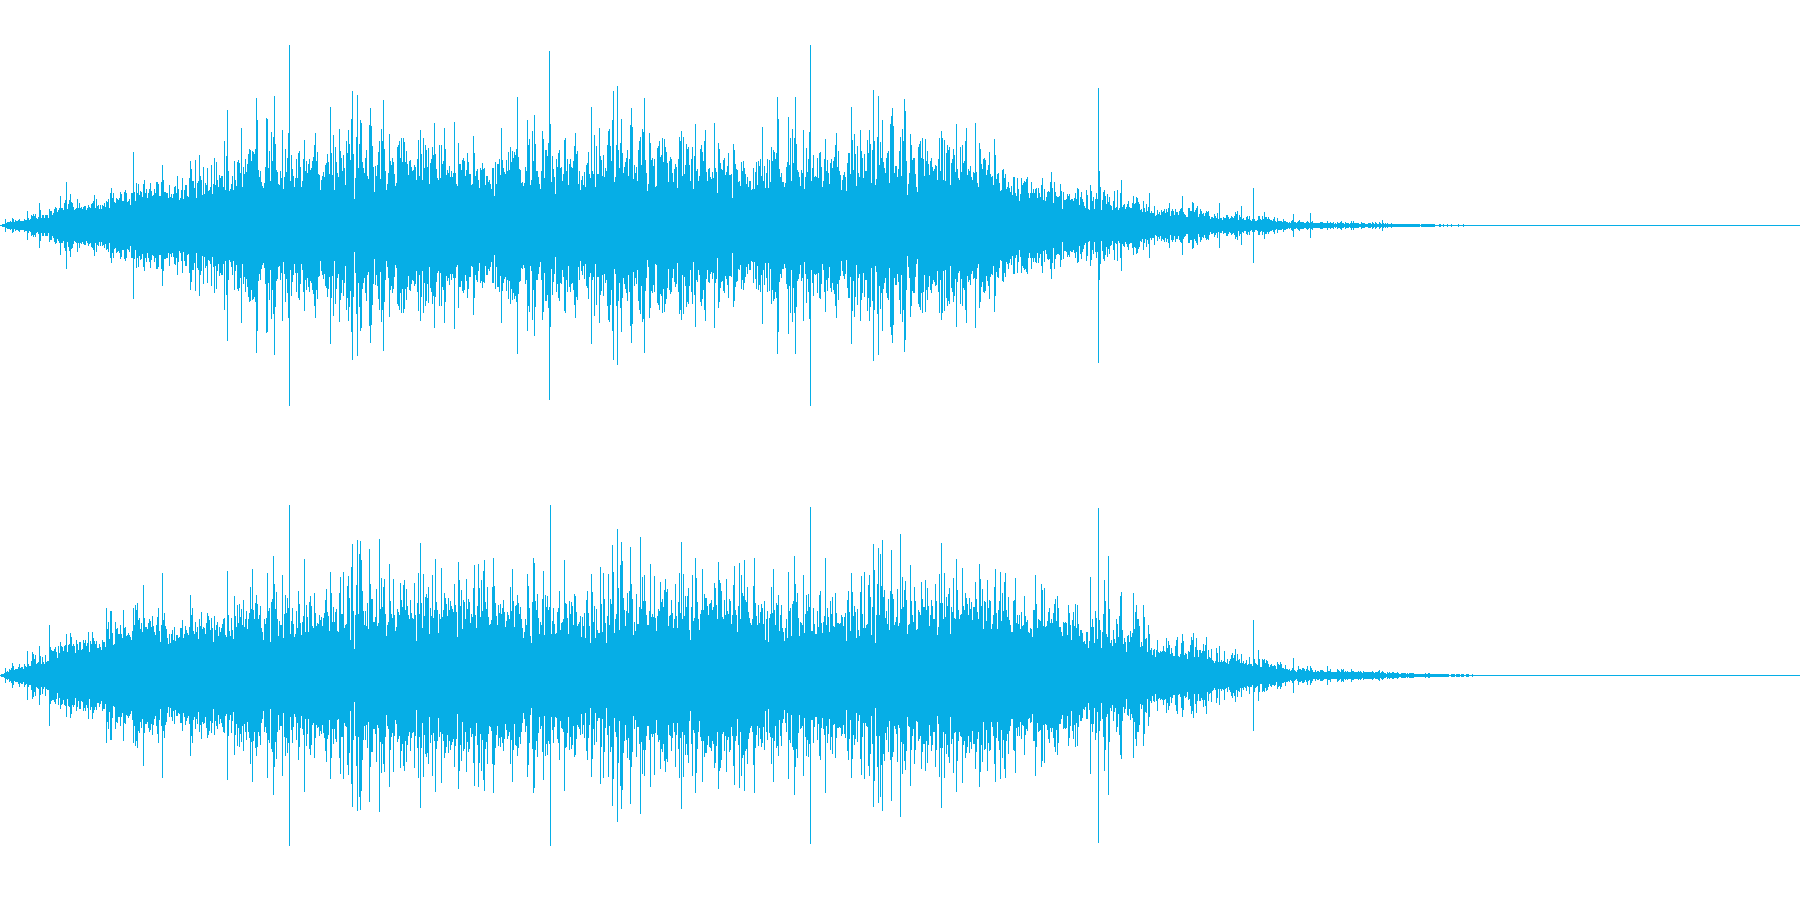 小川のせせらぎと自然(環境音)の再生済みの波形